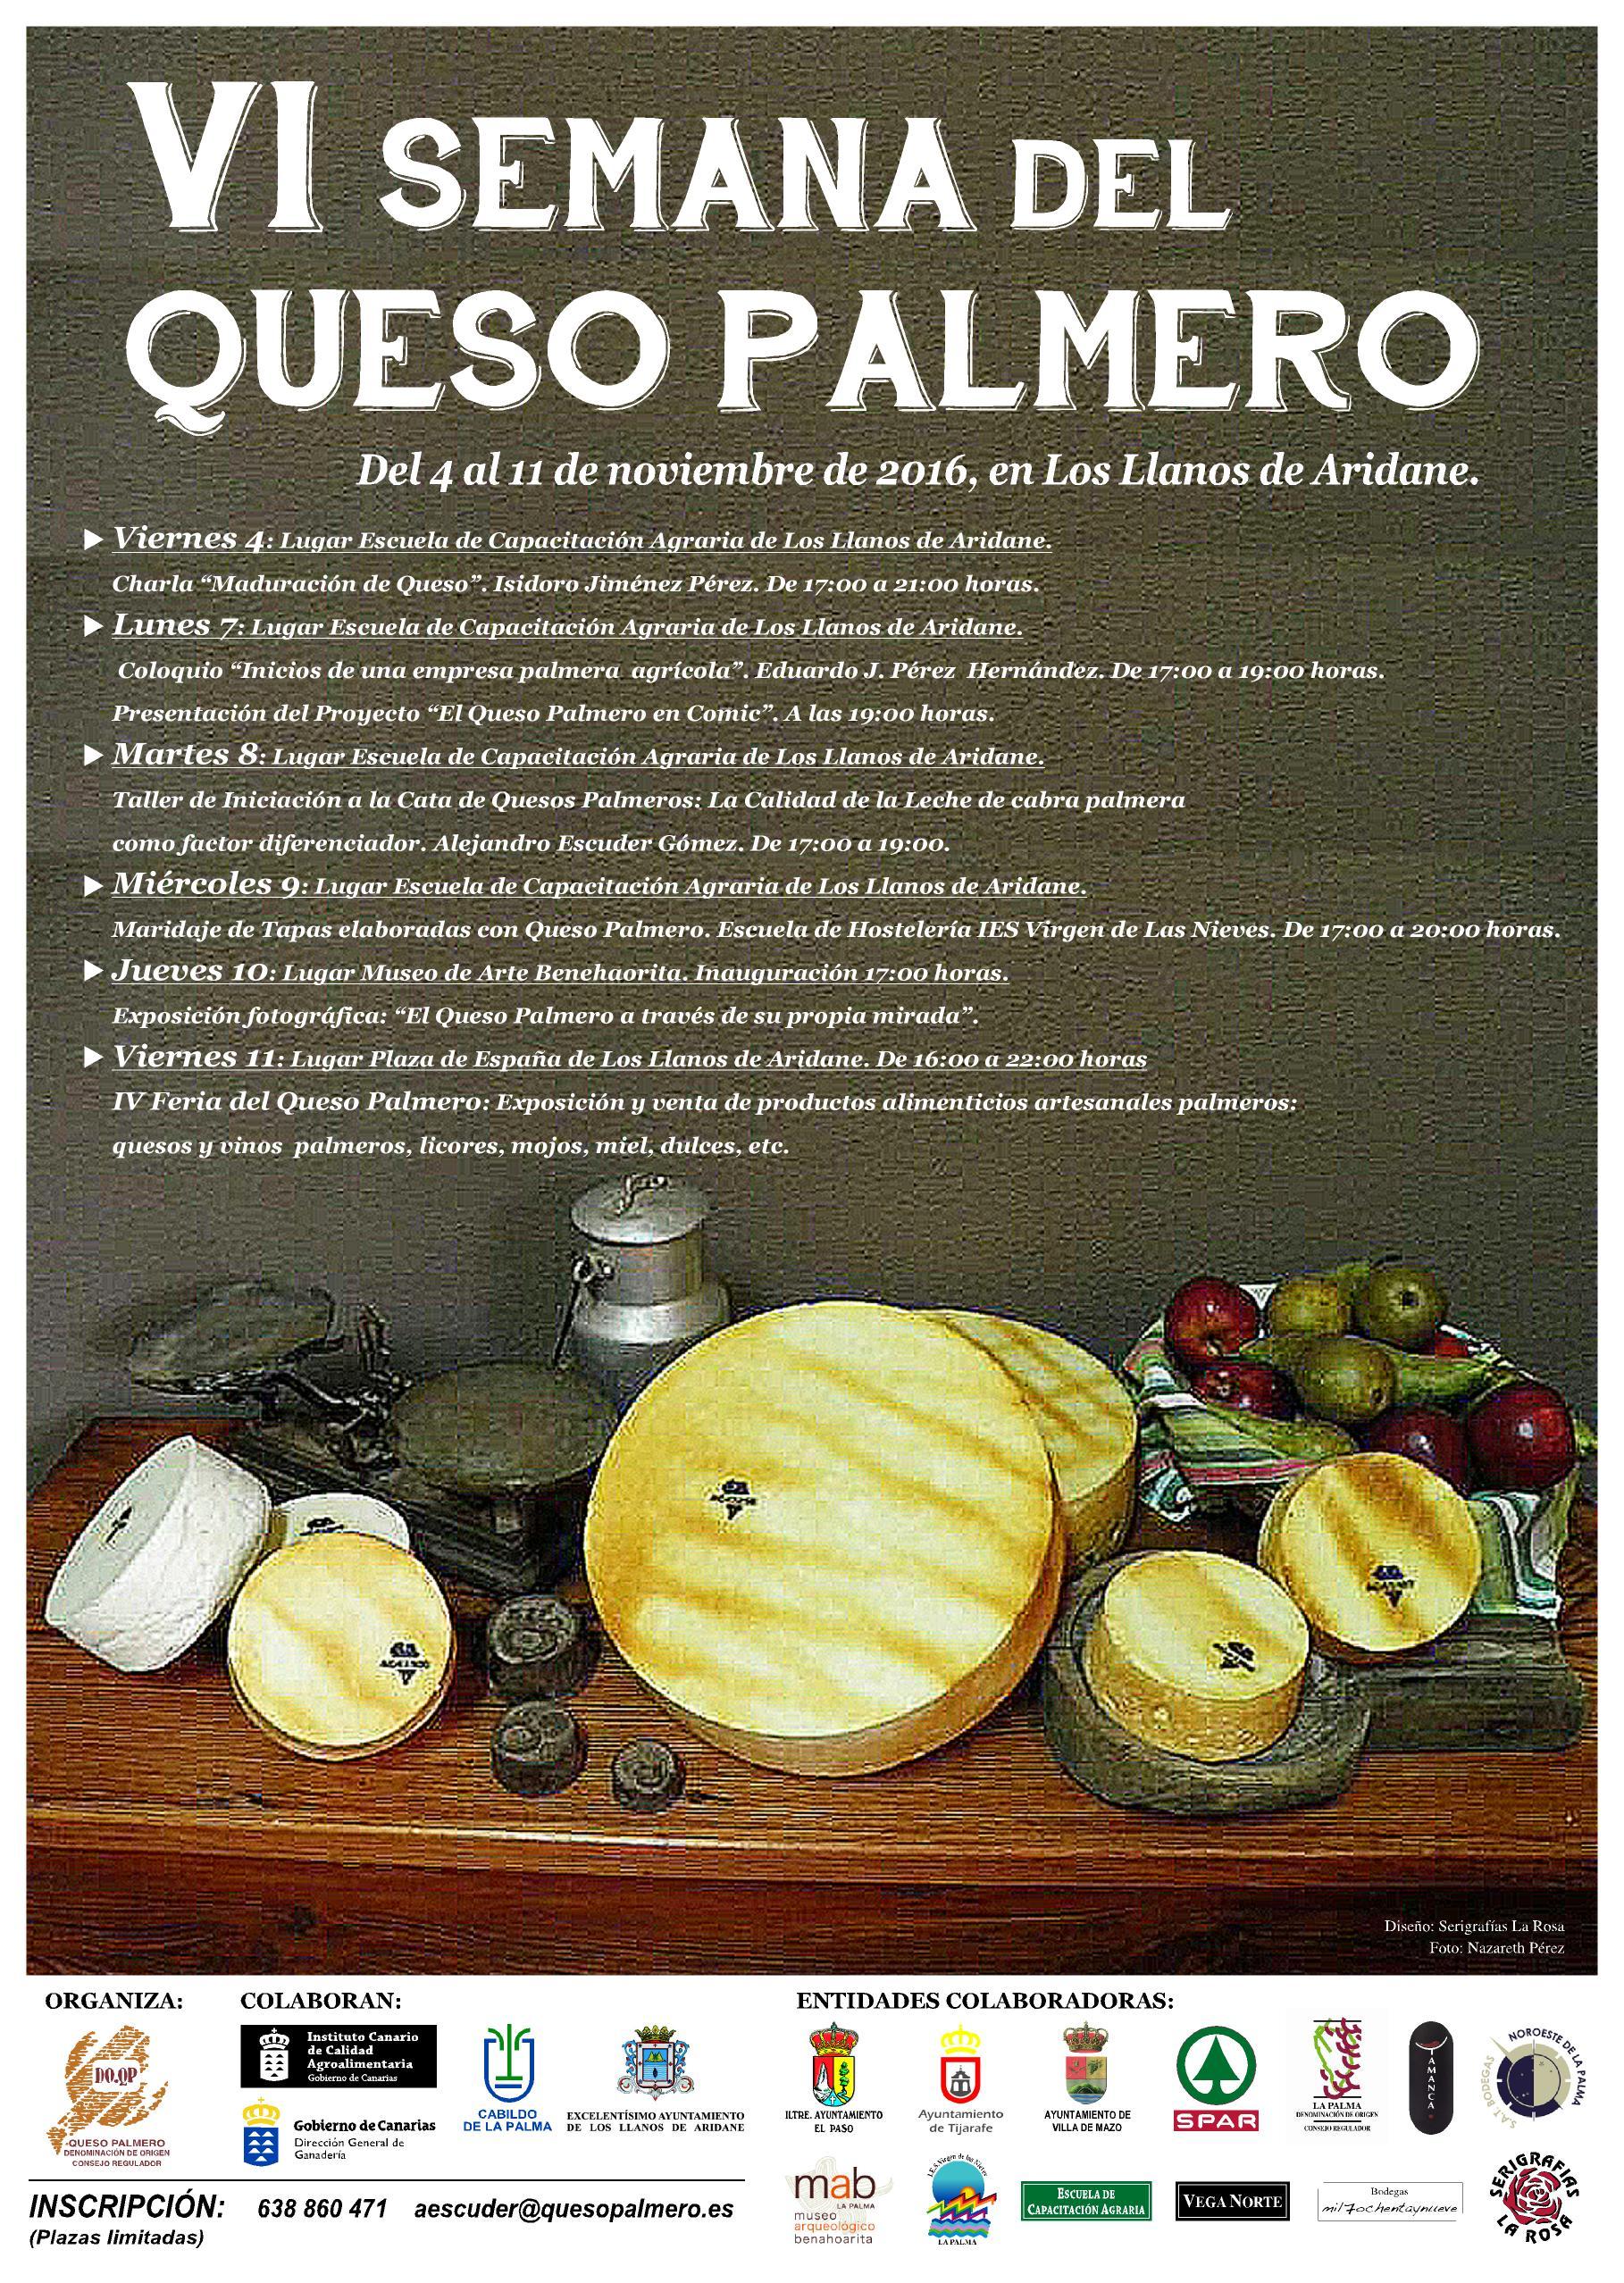 poster-vi-semana-del-queso-palmero